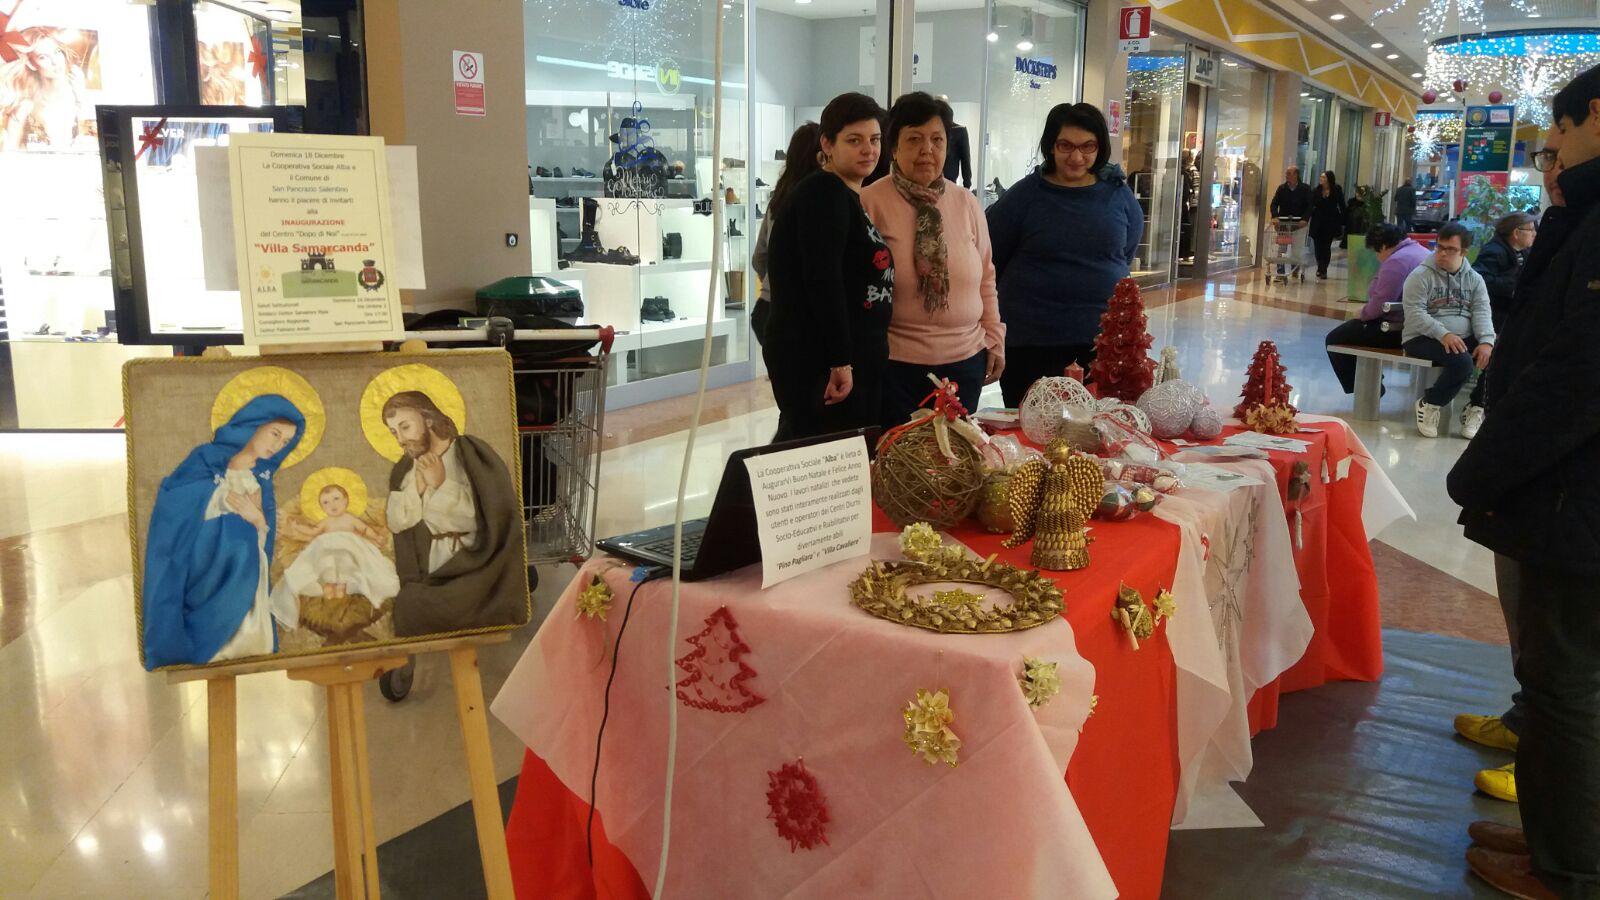 Nella Galleria Auchan per far conoscere l'impegno della Cooperativa Alba con i disabili